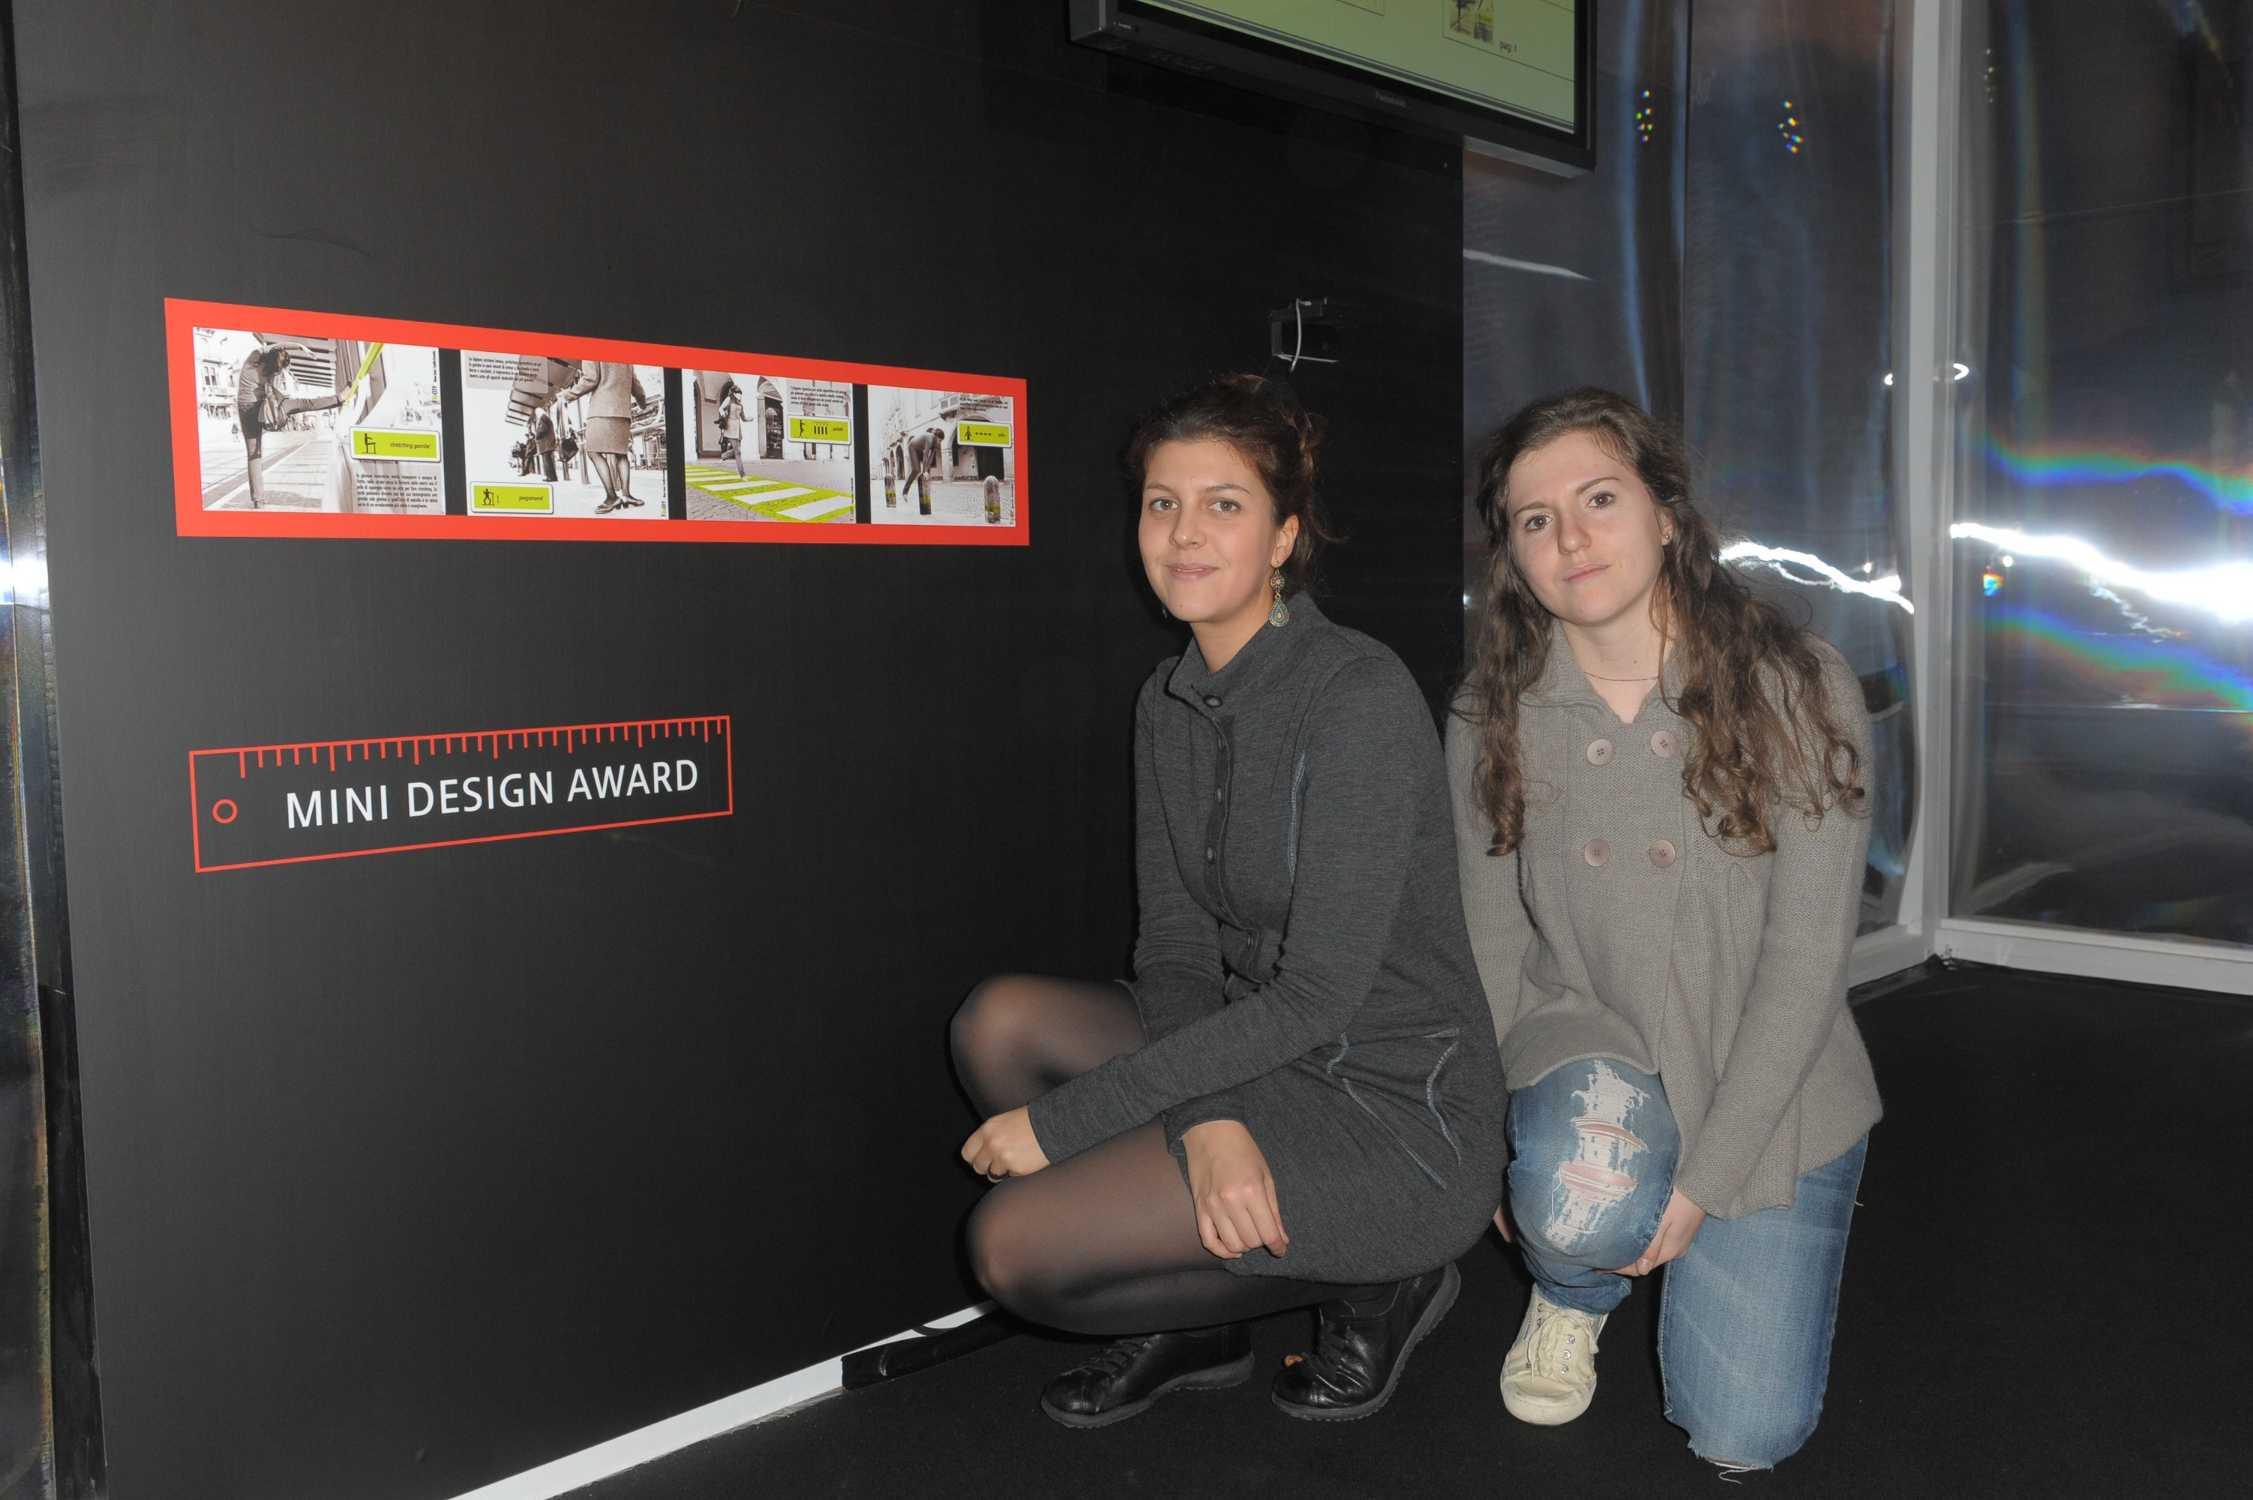 Milano 1 dicembre 2009 mini design award 2009 elena for Milano design award